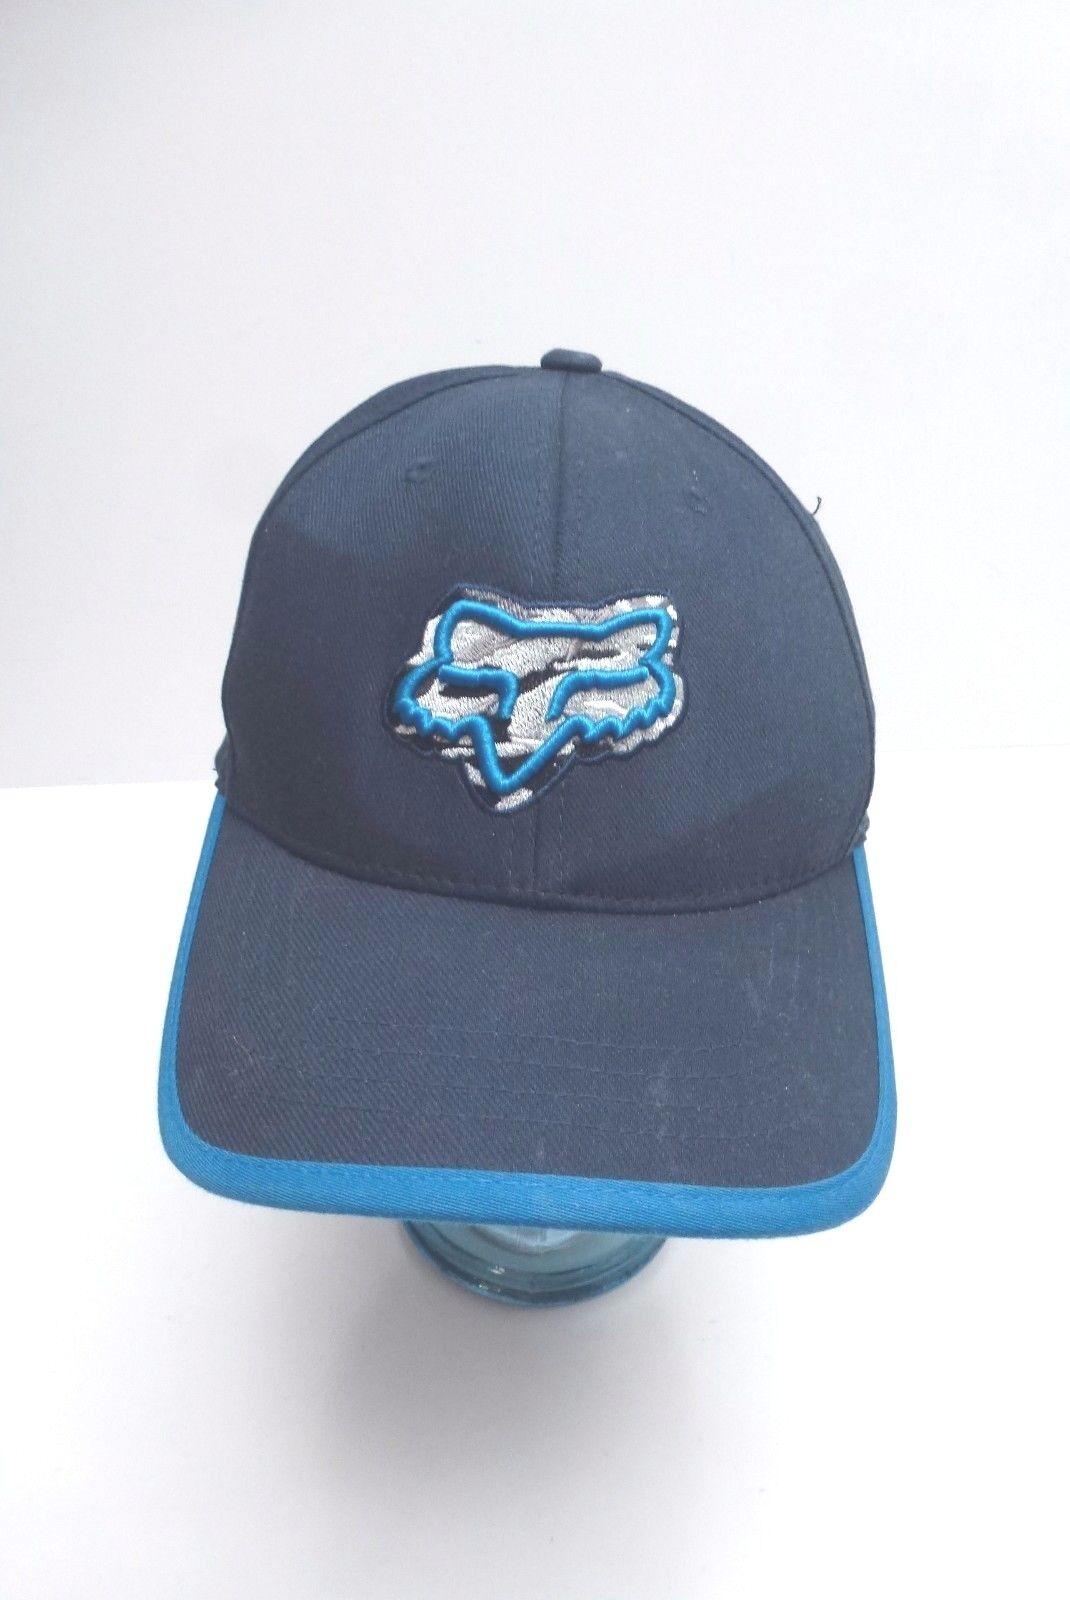 FOX Men's Blue Cap Flex Fit Navy Blue Men's Hat 5302cc